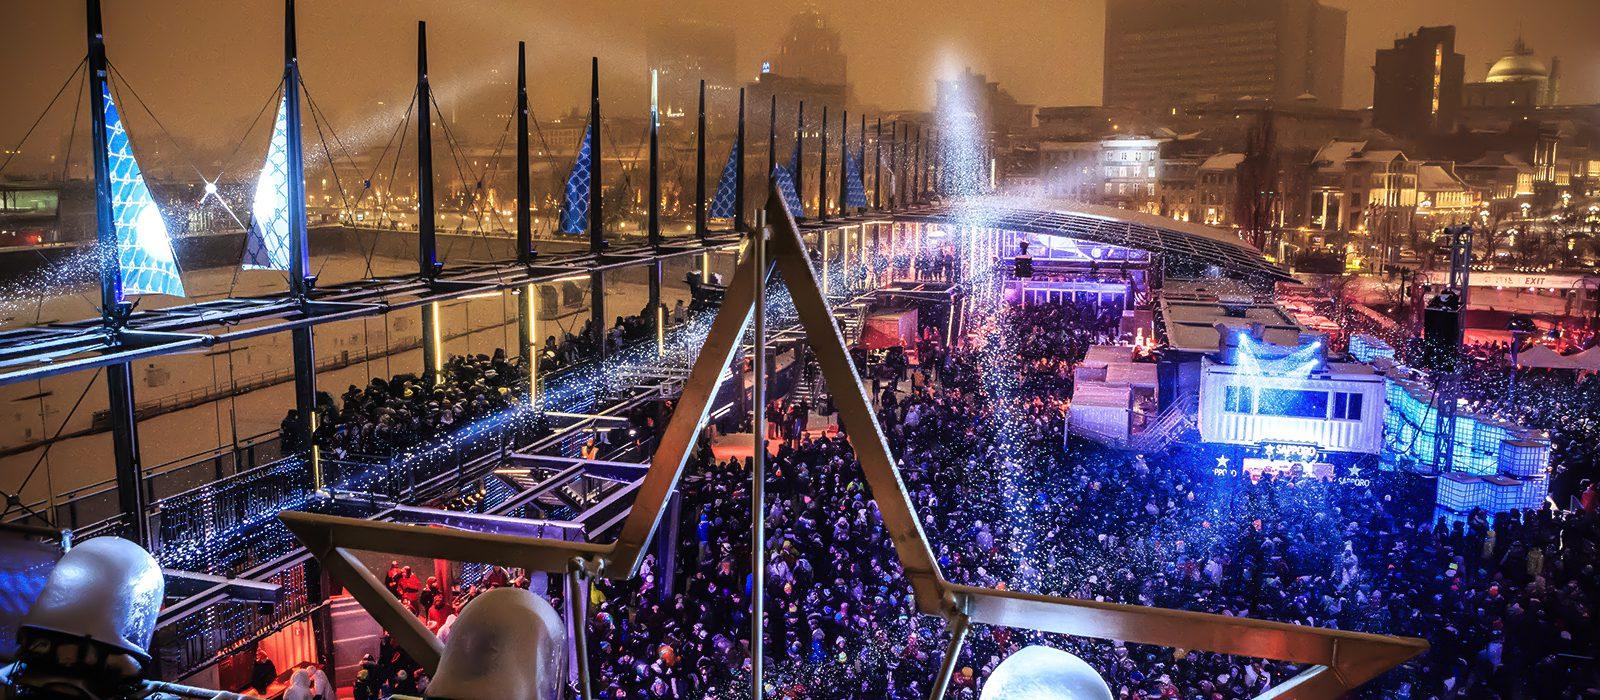 un-hiver-actif-au-quebec-festival-igloofest-montreal-quebec-le-mag